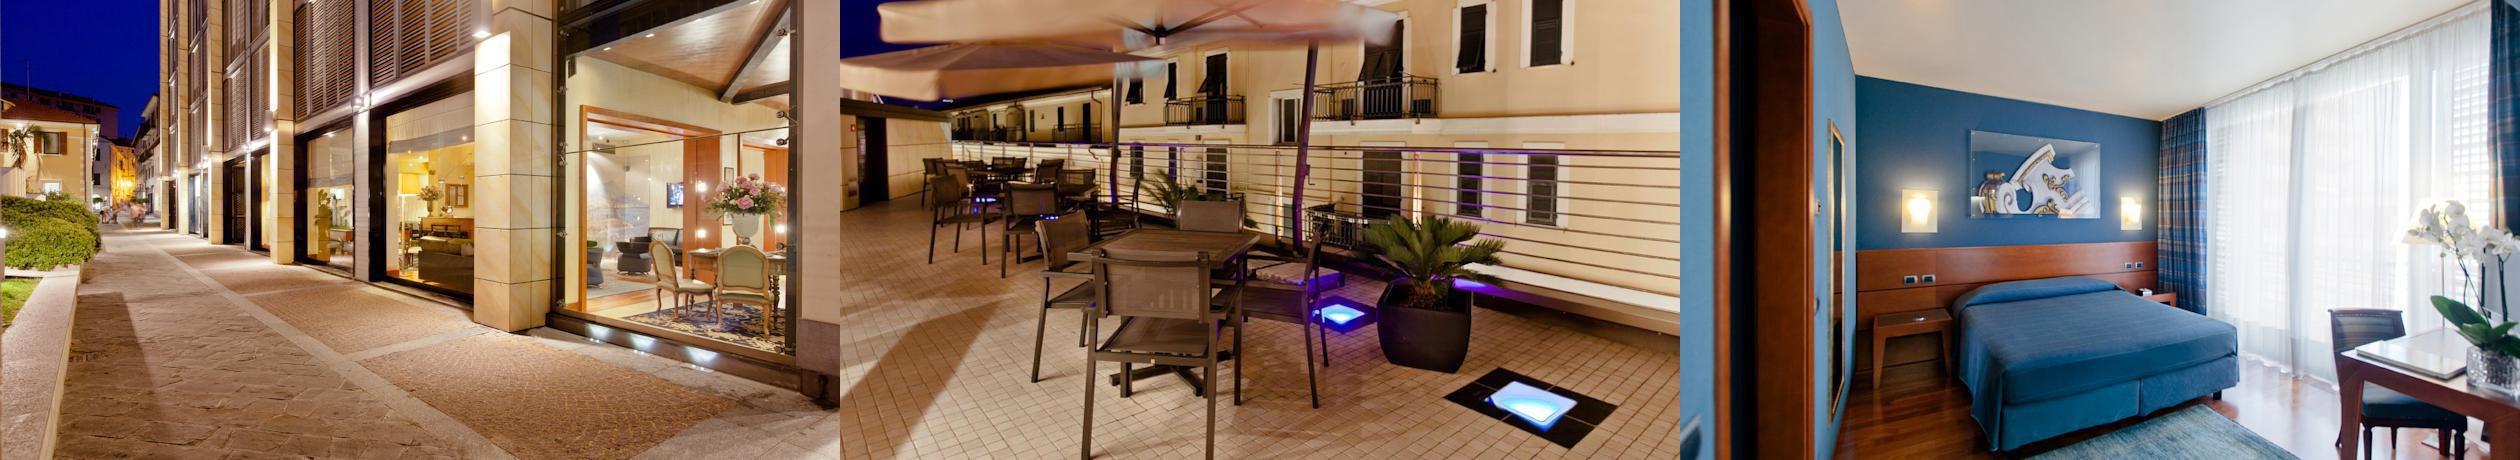 hotel-rossini-al-teatro